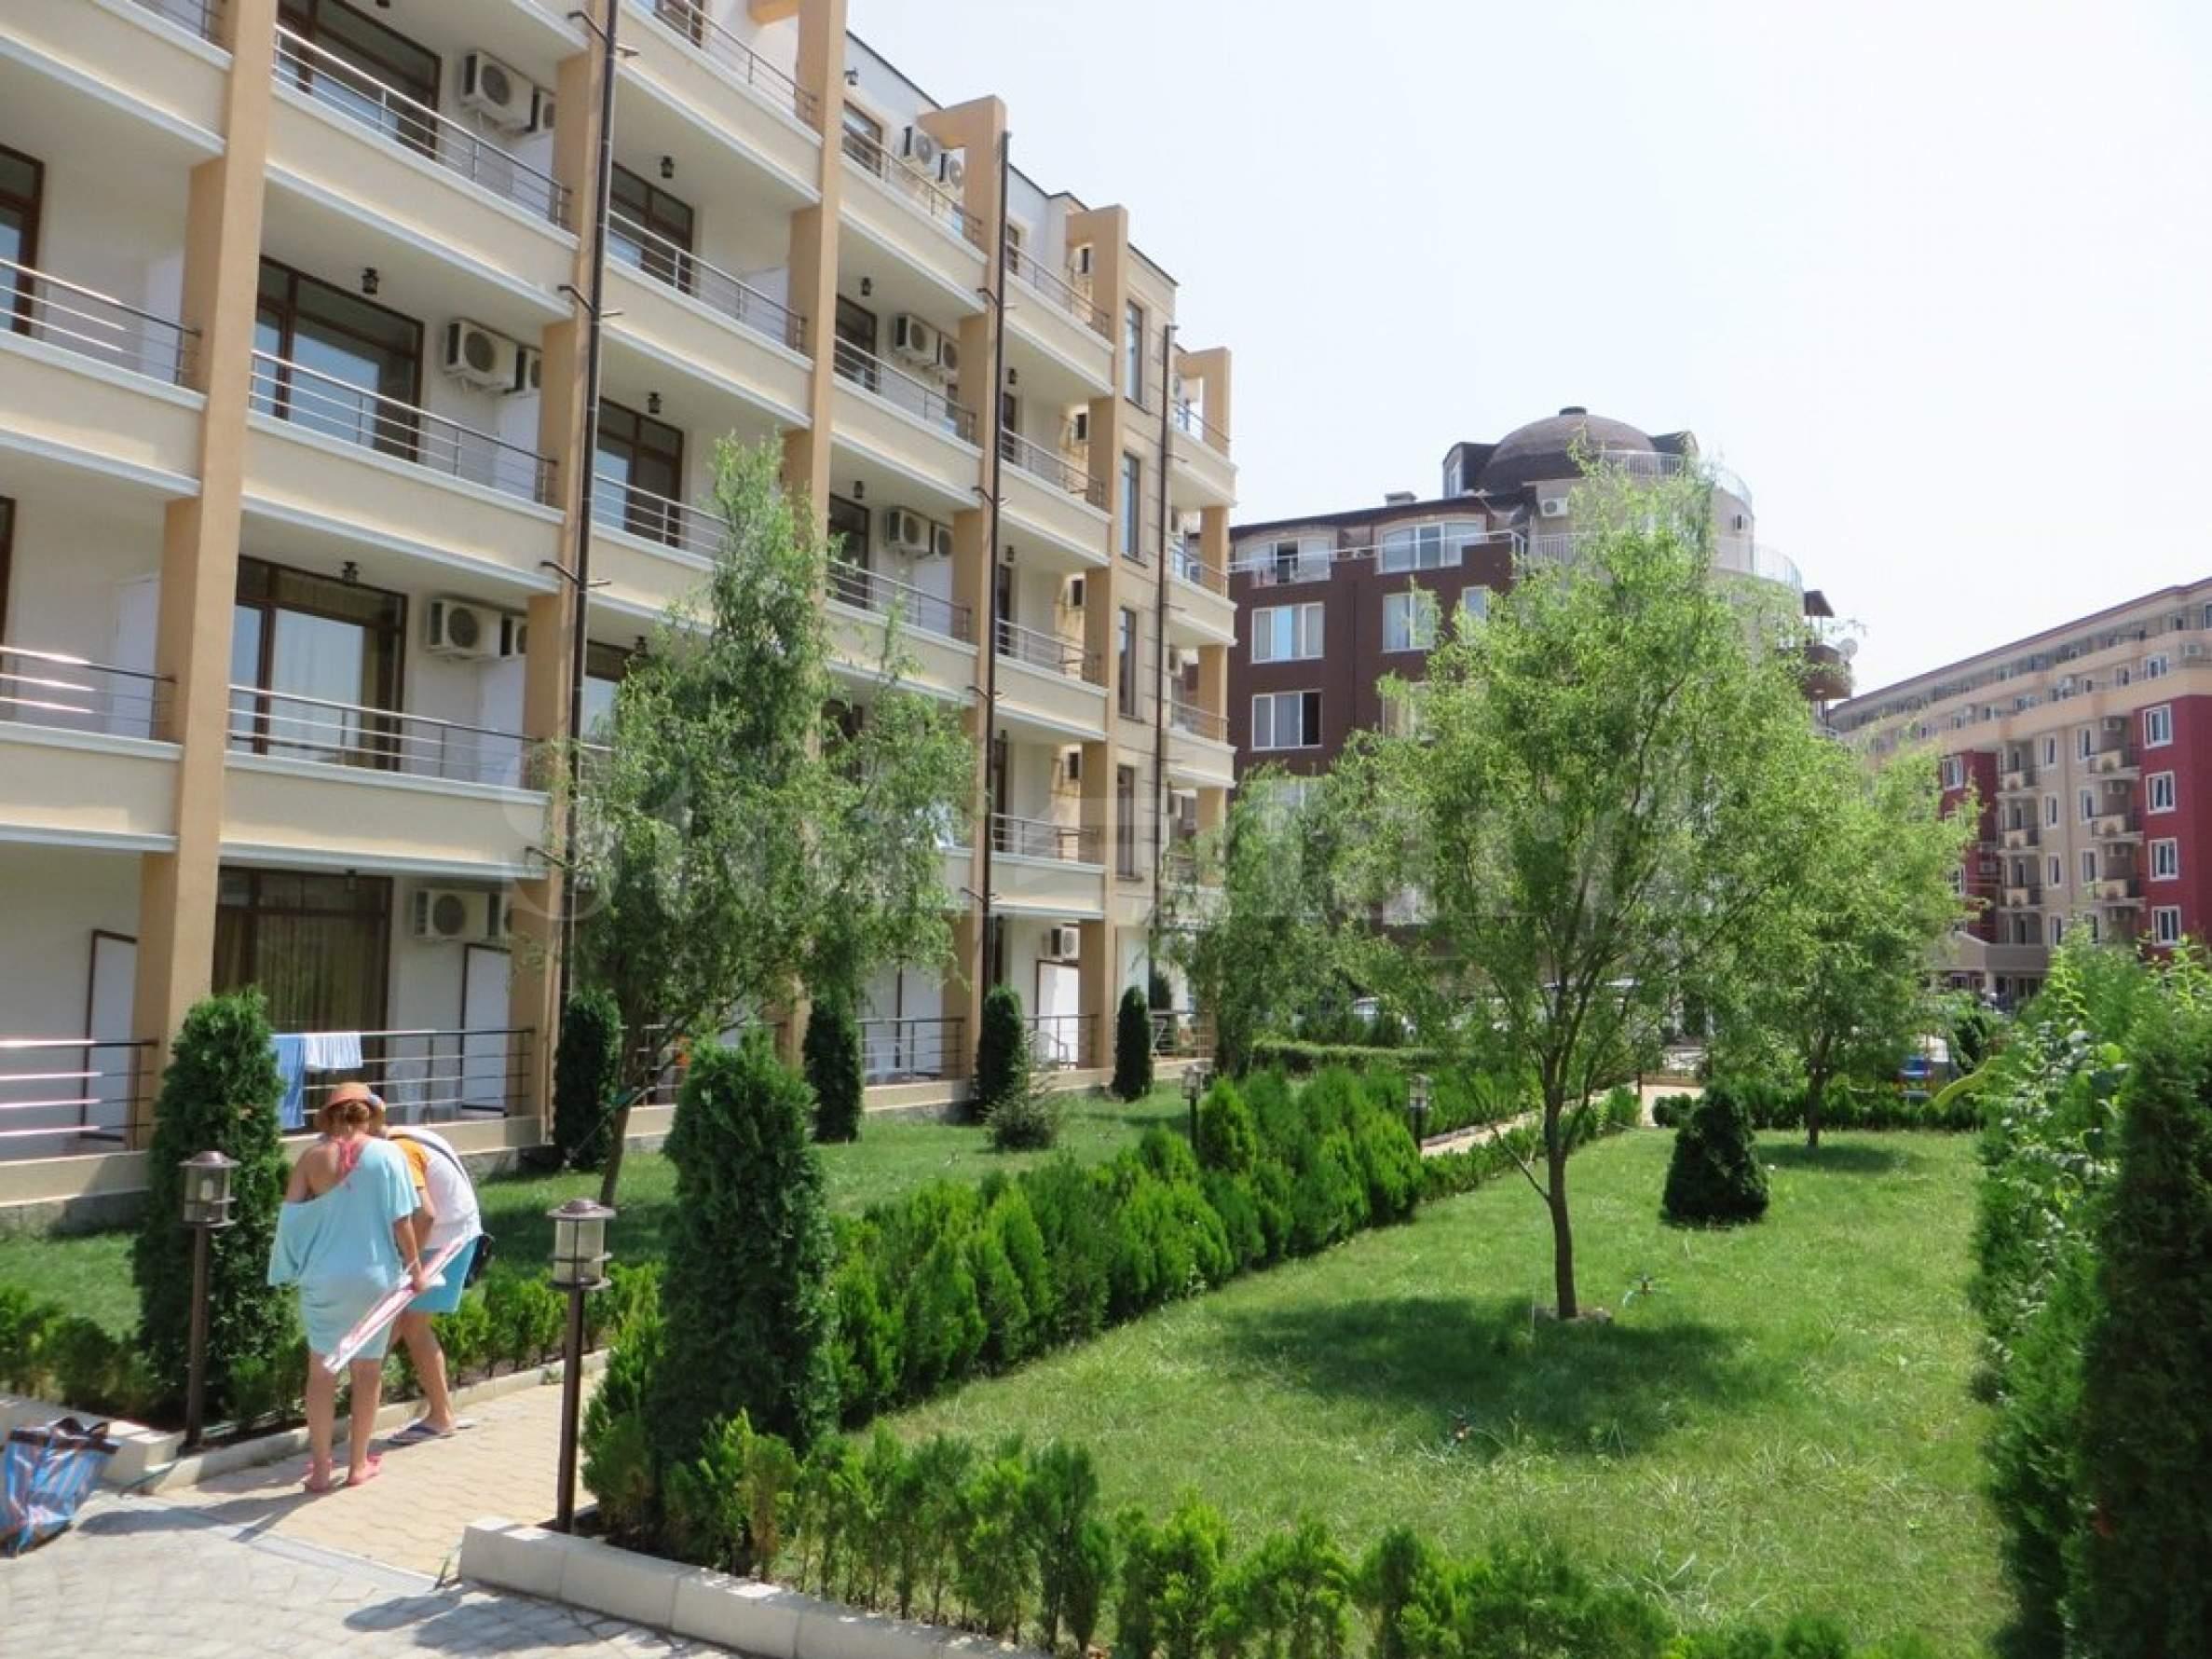 Апартаменти с гарантирана доходност от наем в затворен комплекс1 - Stonehard